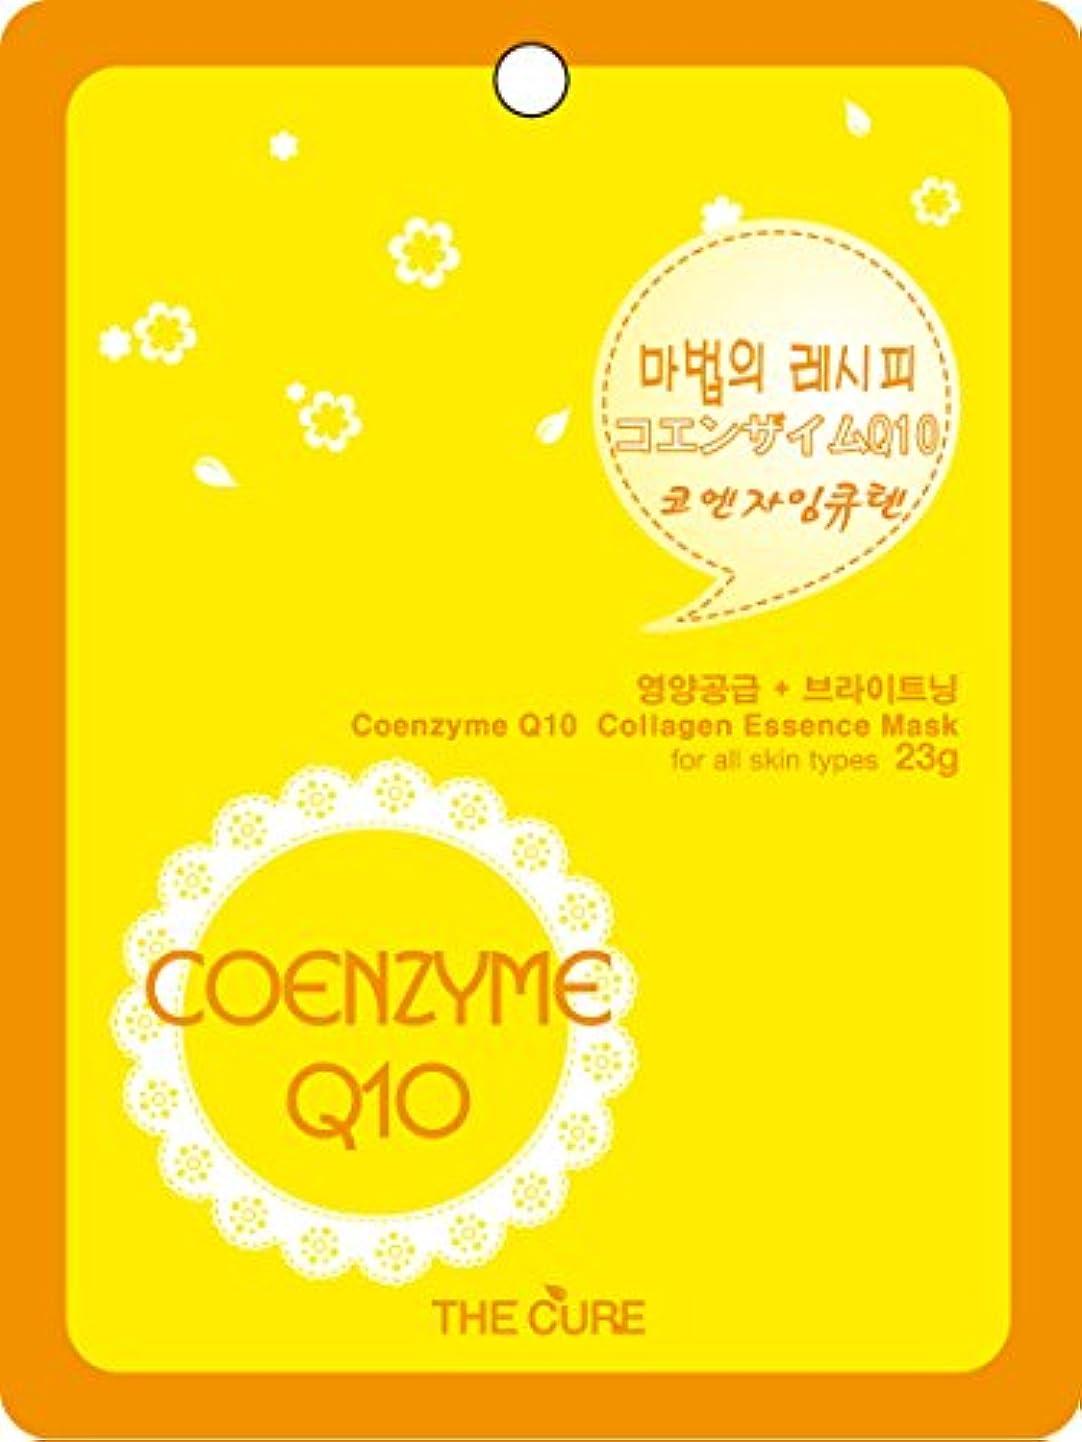 恐ろしい大きさ黙認するコエンザイムQ10 コラーゲン エッセンス マスク THE CURE シート パック 100枚セット 韓国 コスメ 乾燥肌 オイリー肌 混合肌